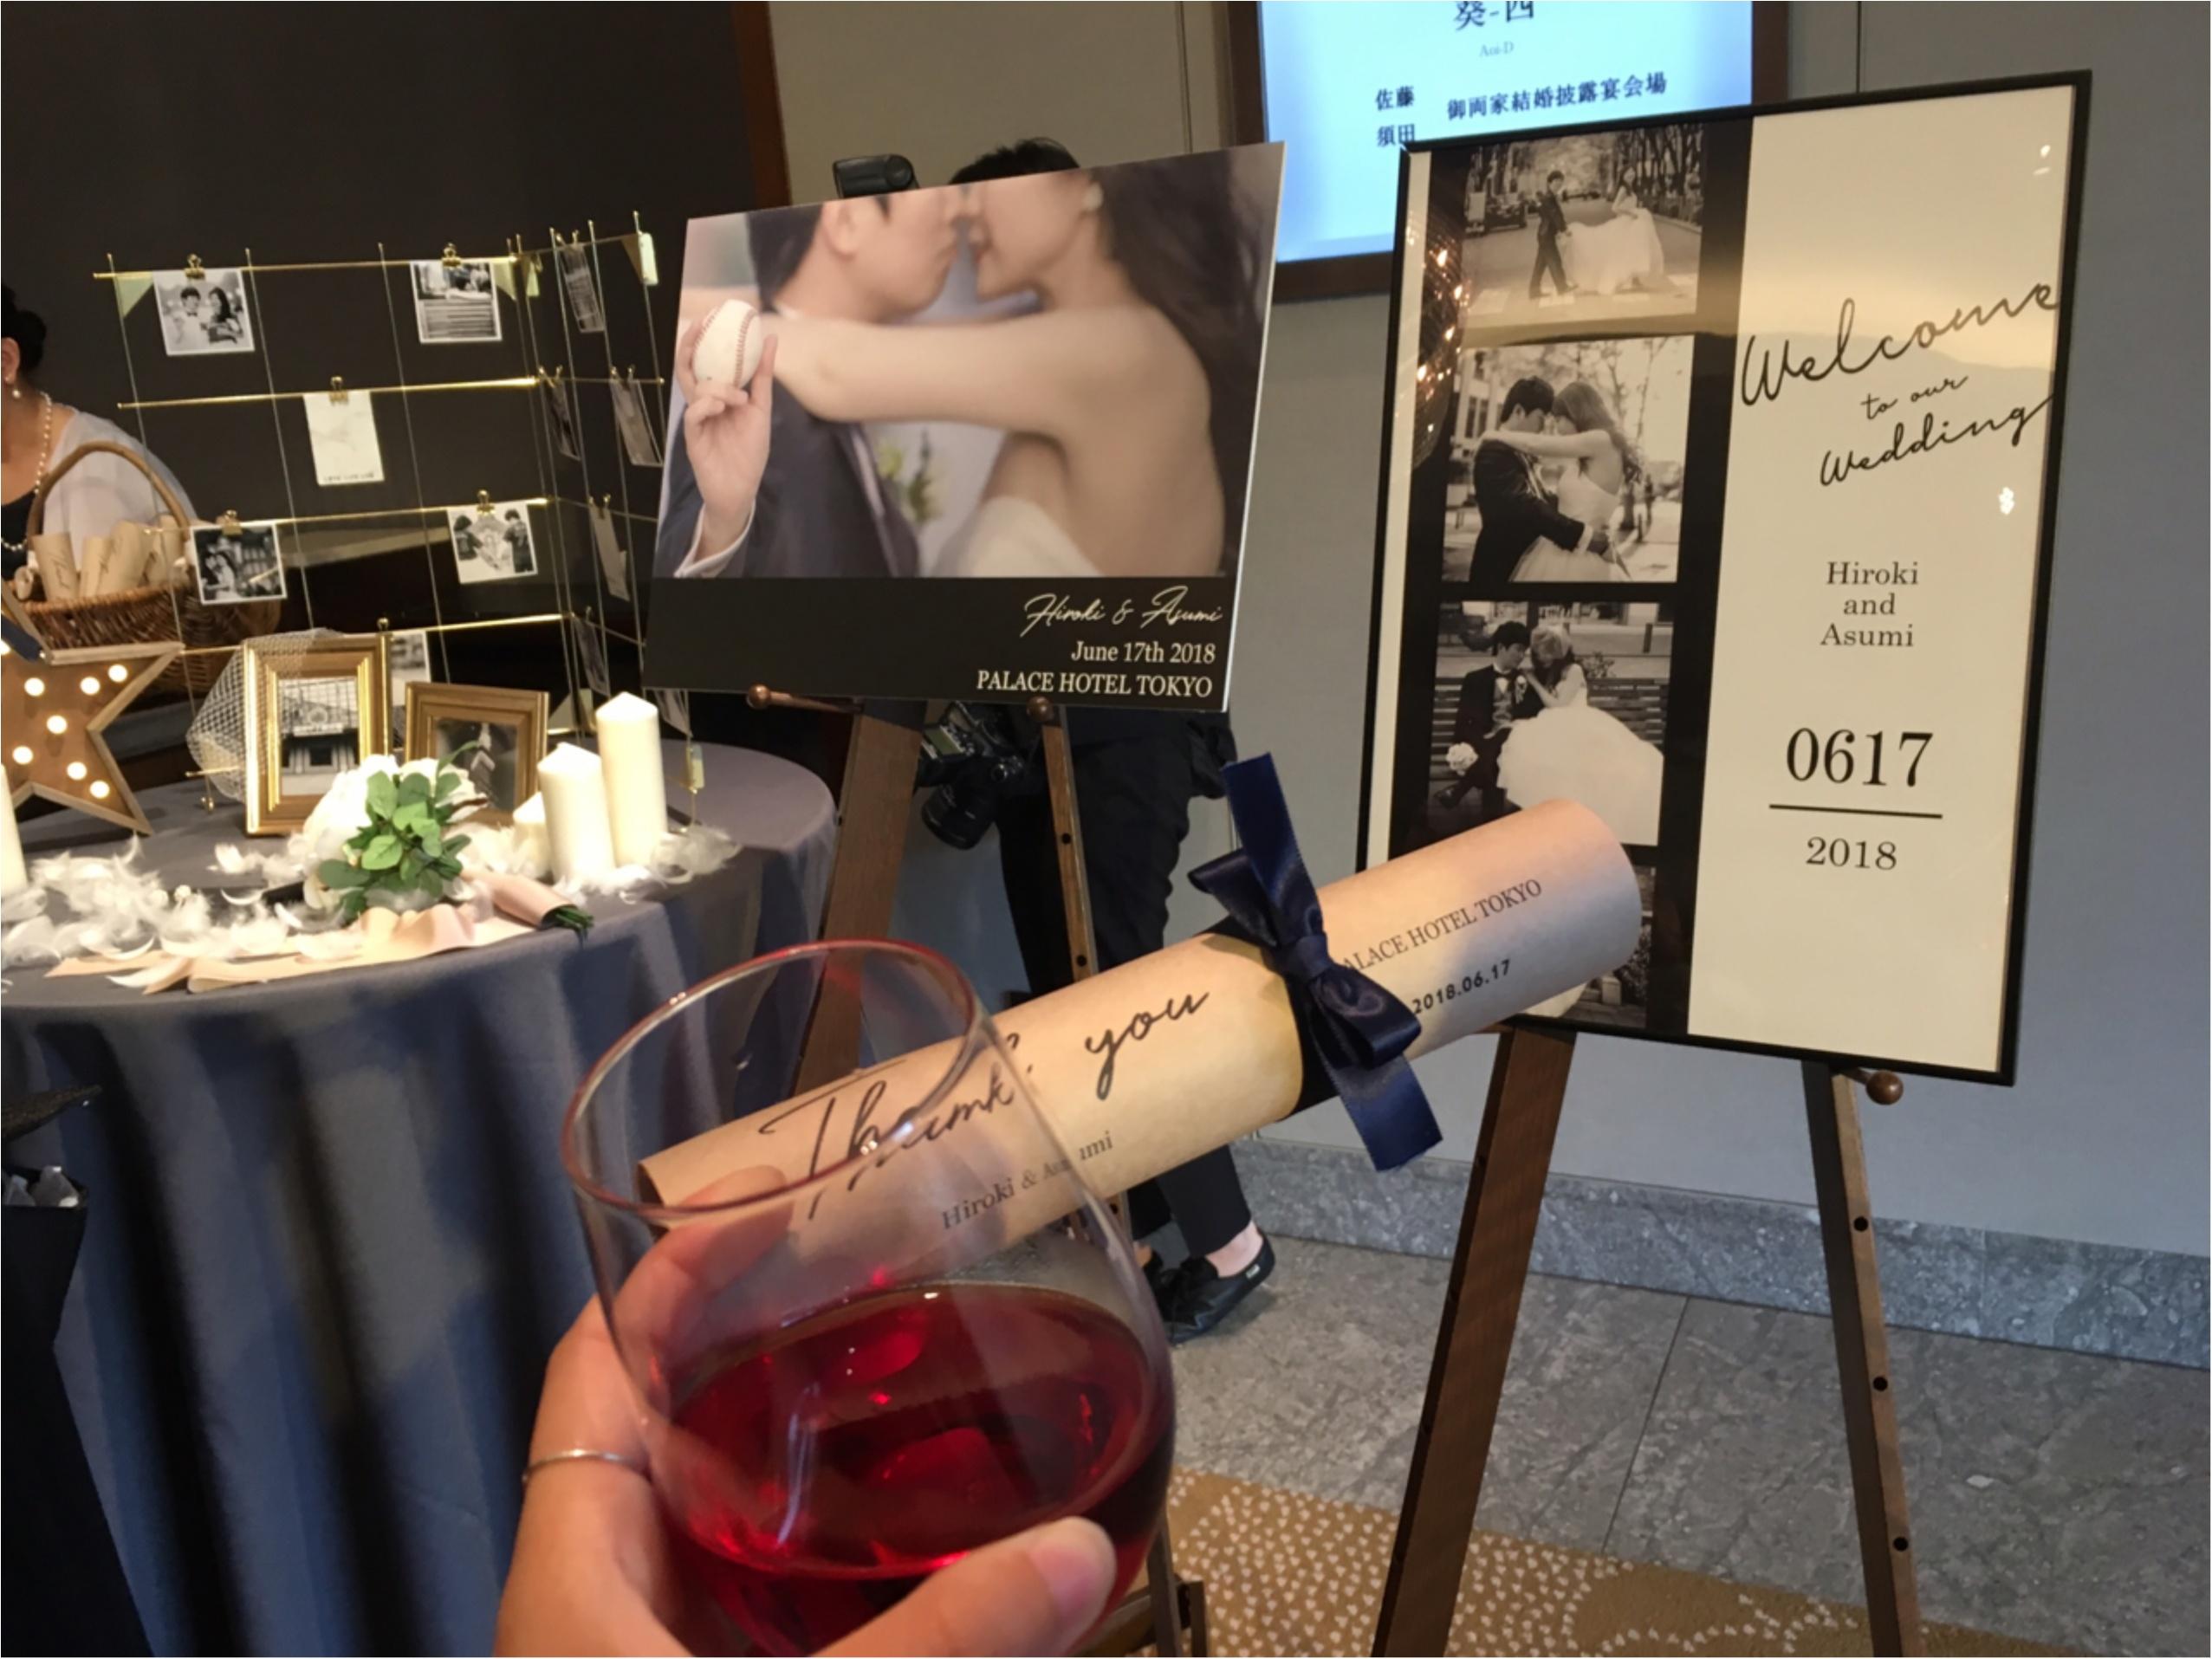 【パレスホテル東京】MOREインフルエンサーNo.600 asuちゃんの素敵な結婚式❤︎_6